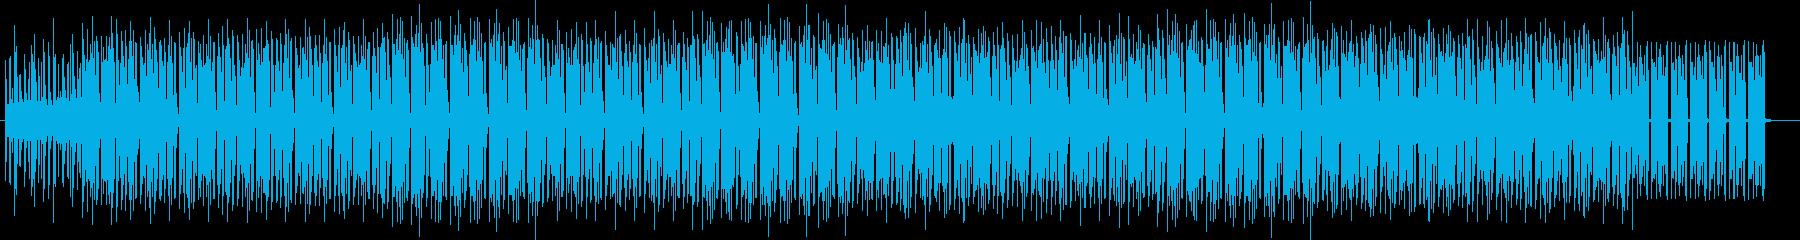 ミニマルテクノのクラブミュージックの再生済みの波形